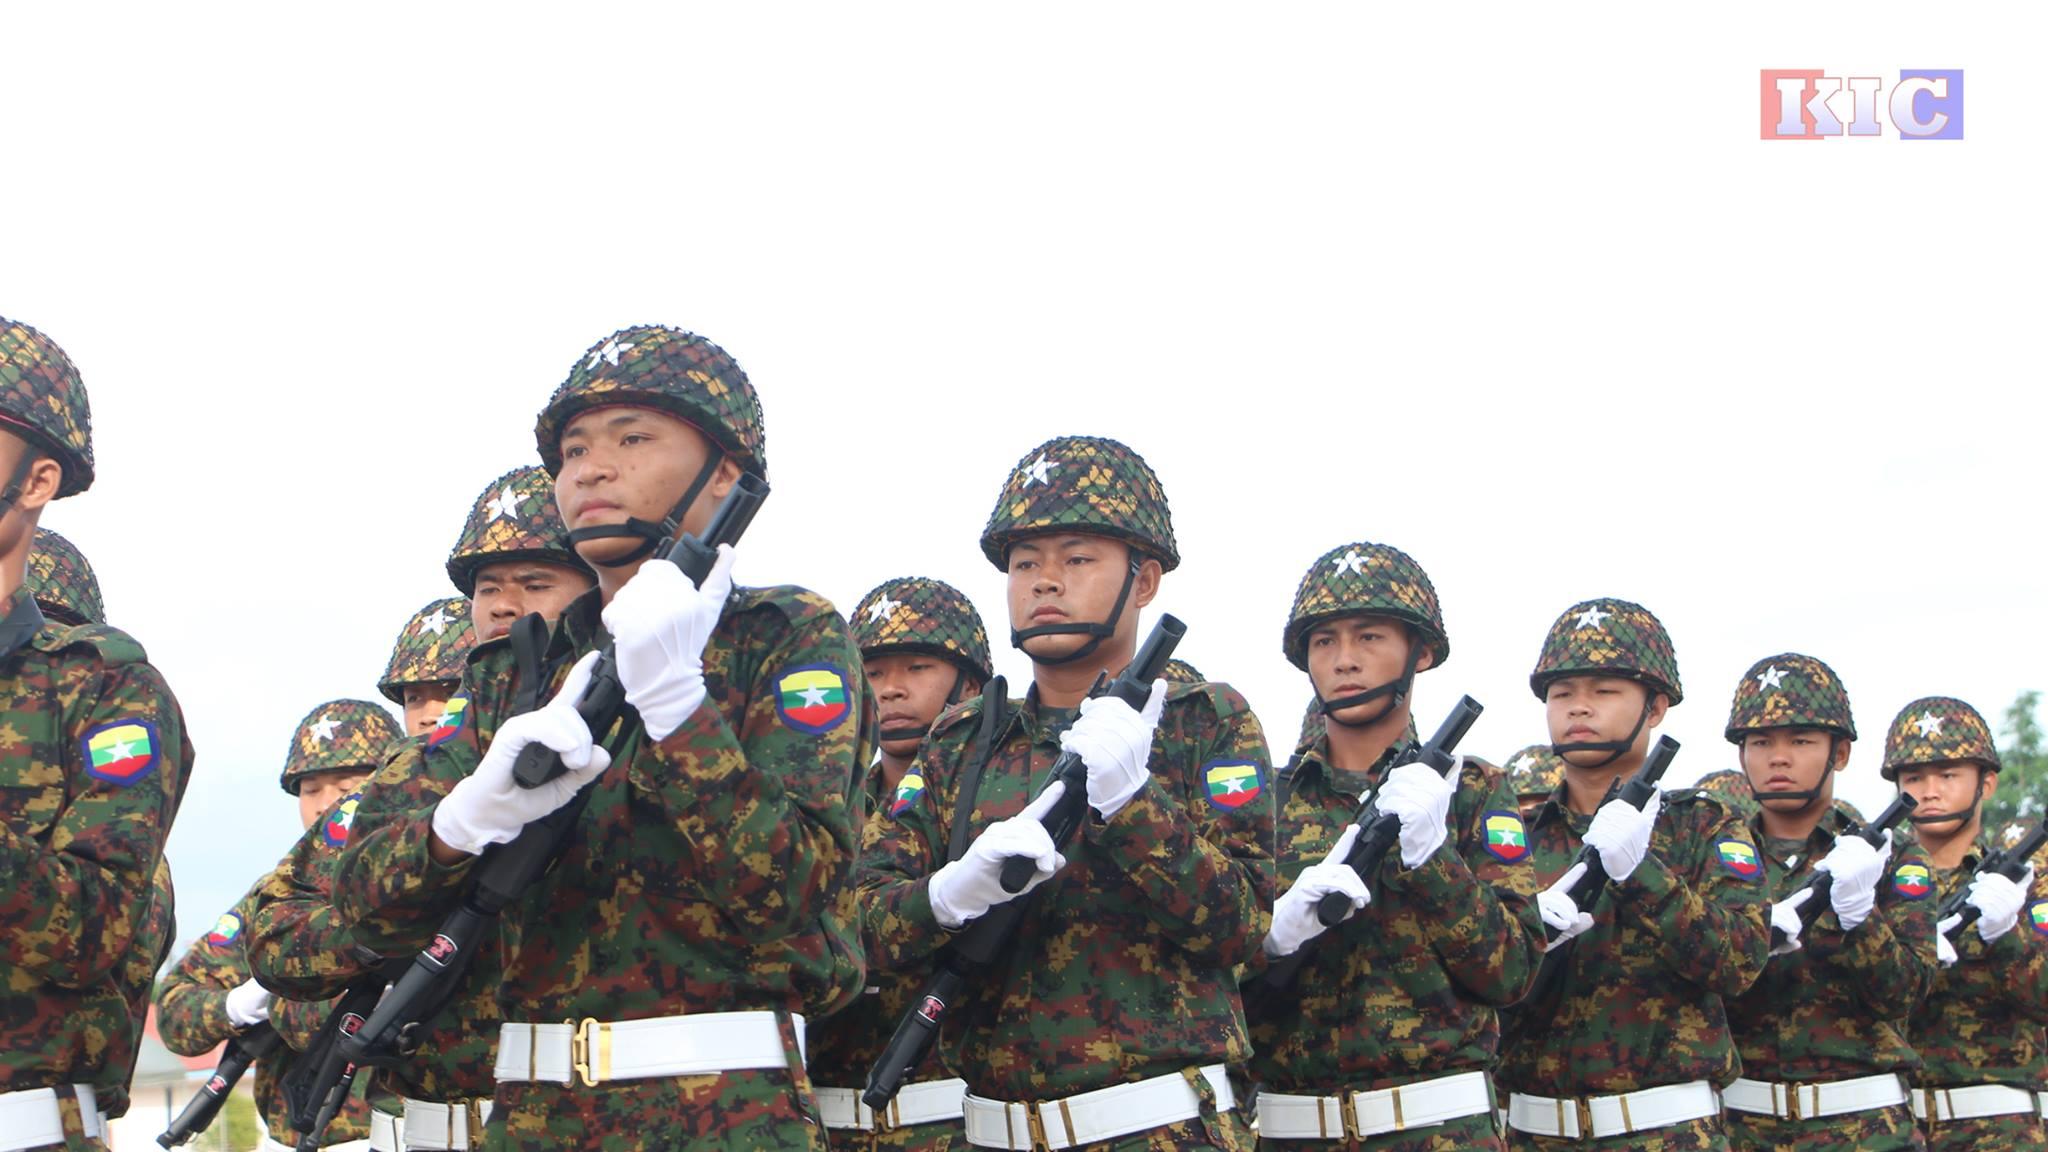 ကရင် BGF နှင့် အာဏာသိမ်းစစ်တပ် အချင်းချင်းမှားယွင်းပစ်ခတ်၊  BGF တပ်ဖွဲ့ဝင် ၁၂ဦး နှင့် အာဏာသိမ်းစစ်တပ် တပ်ဖွဲ့ဝင် ၃ဦး သေဆုံး